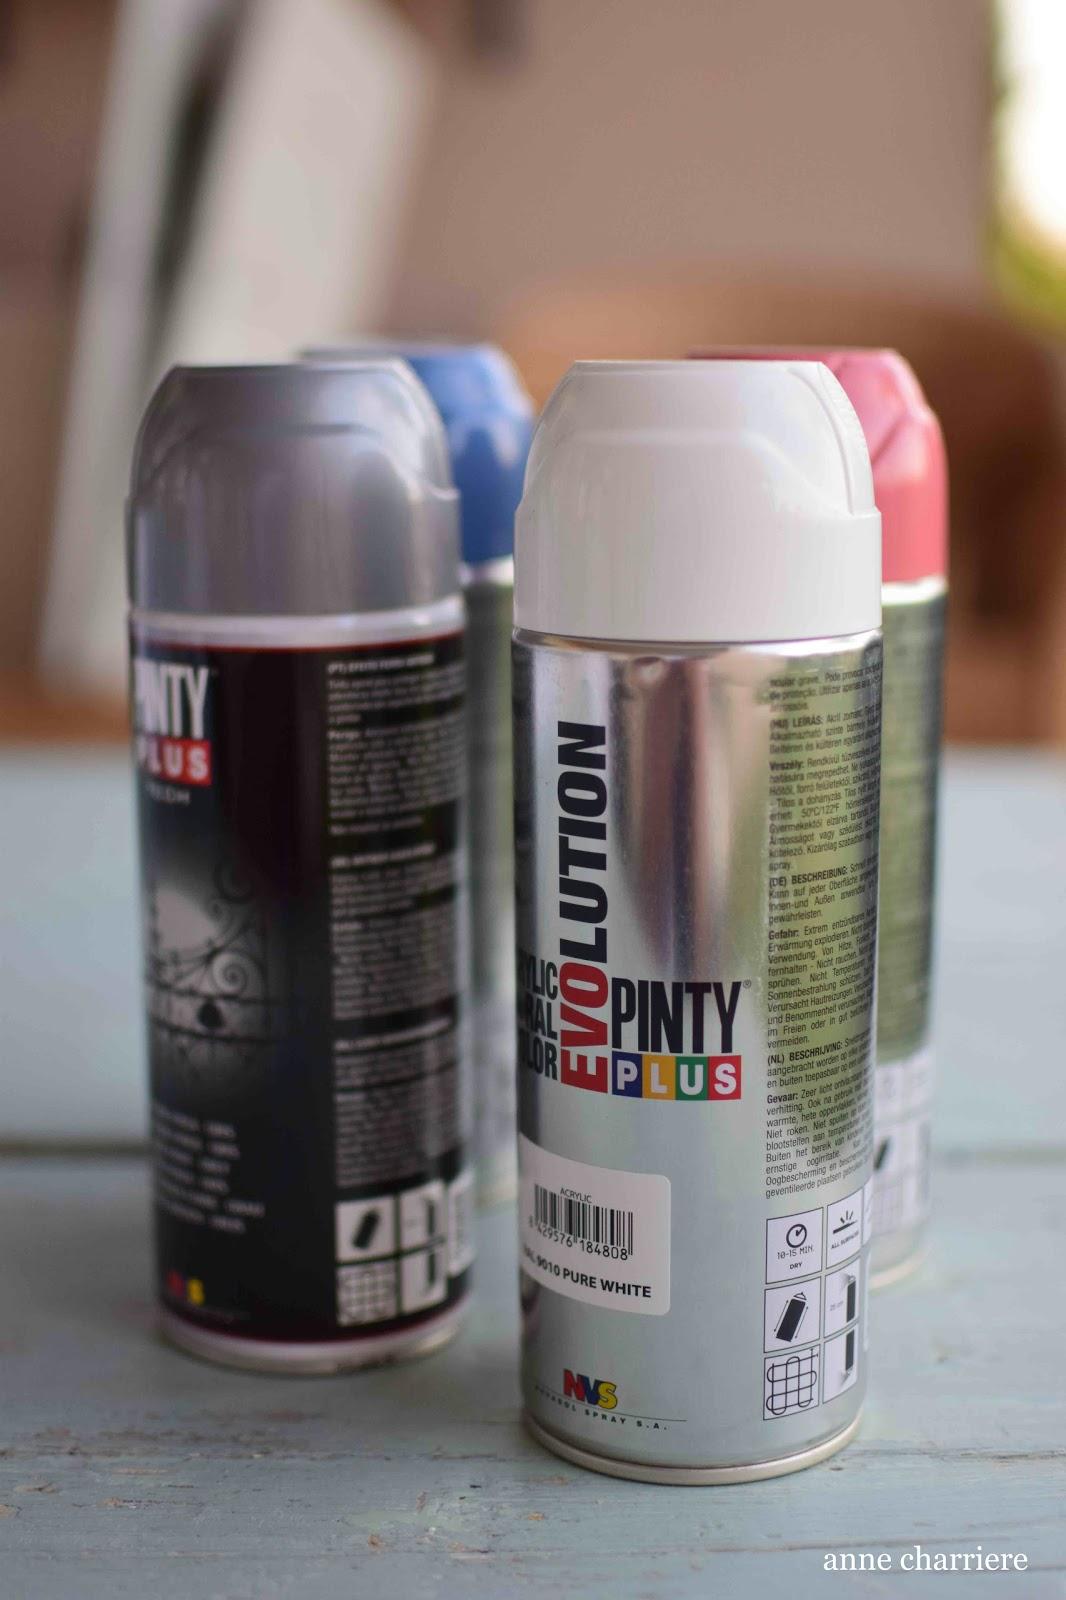 Anne charriere blog de bricolaje y tecnicas de pintura en - Pintura con spray ...